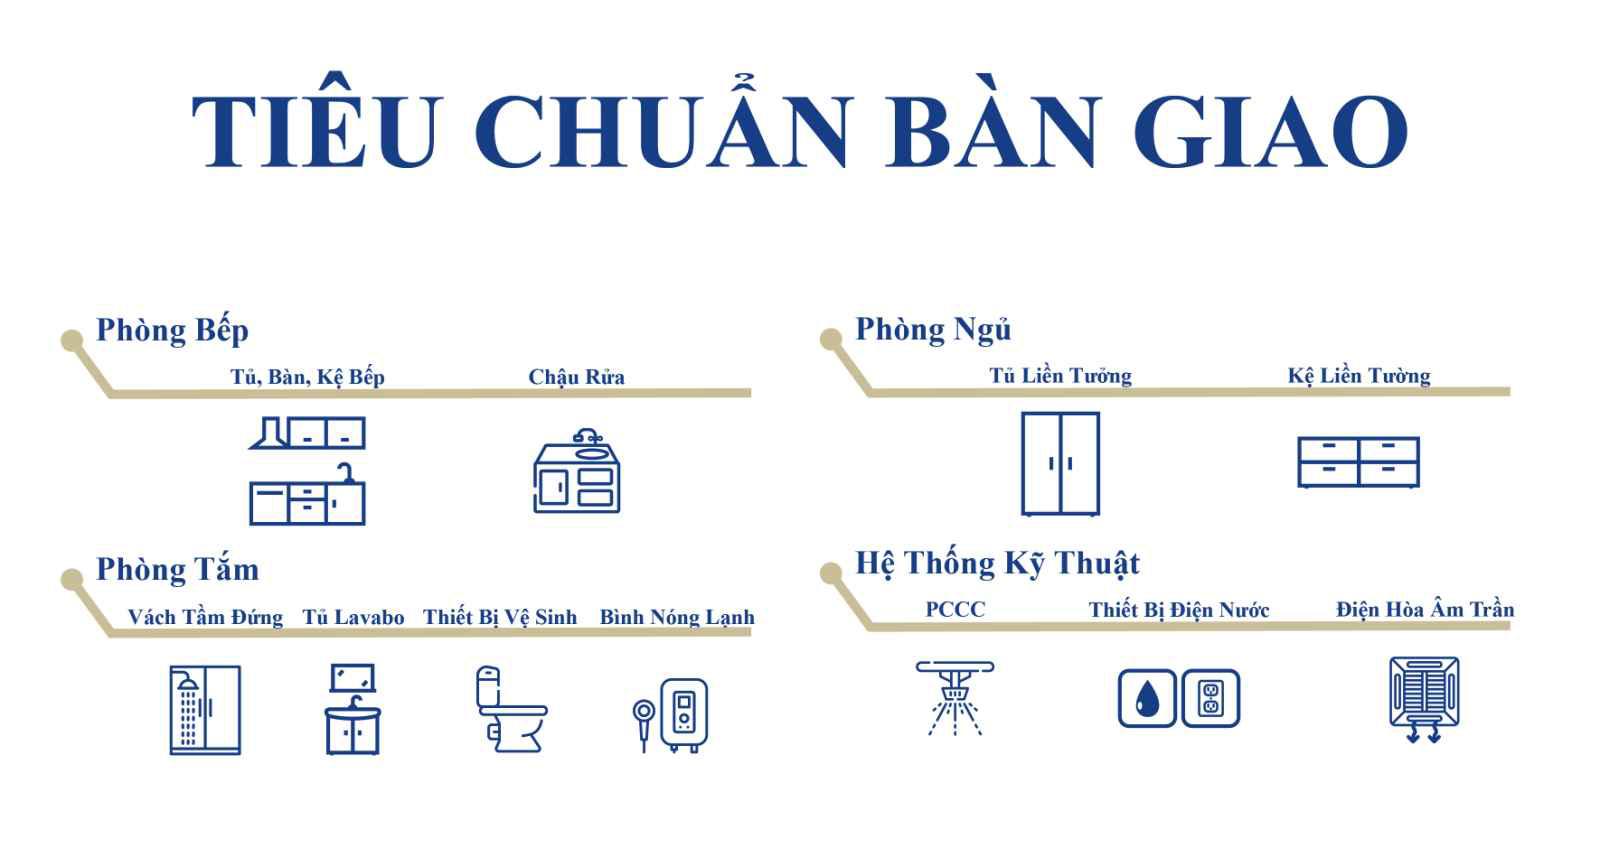 Tiêu chuẩn bàn giao căn hộ Sun Marina Hạ Long